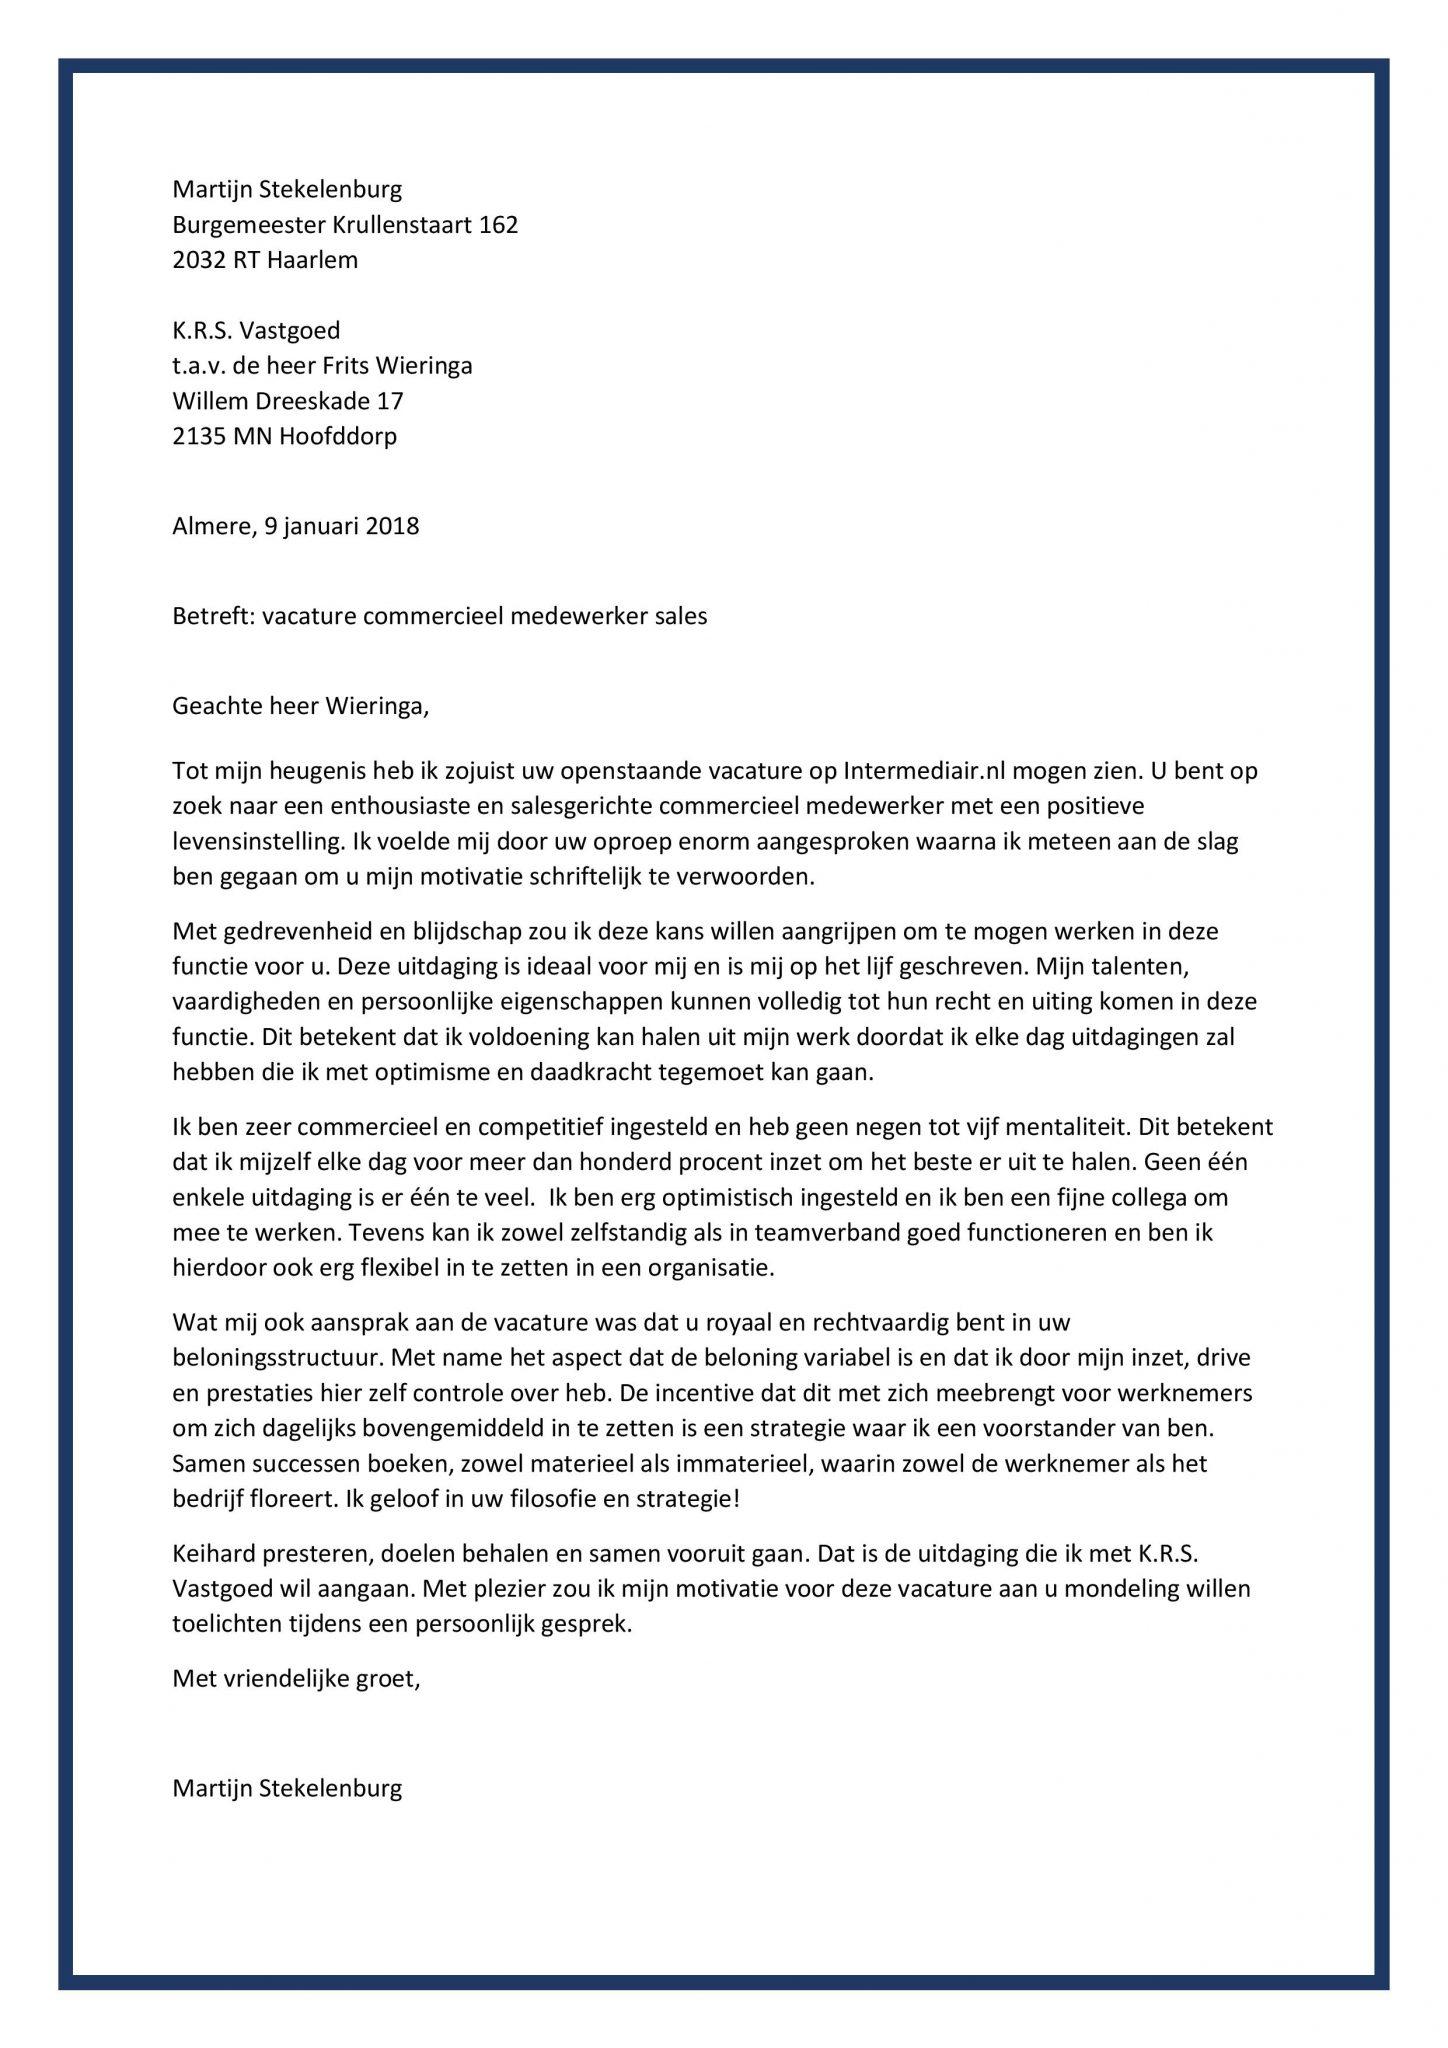 voorbeeld motivatiebrief commercieel medewerker binnendienst Sollicitatiebrief Commercieel Medewerker | De Beste Sales Brief